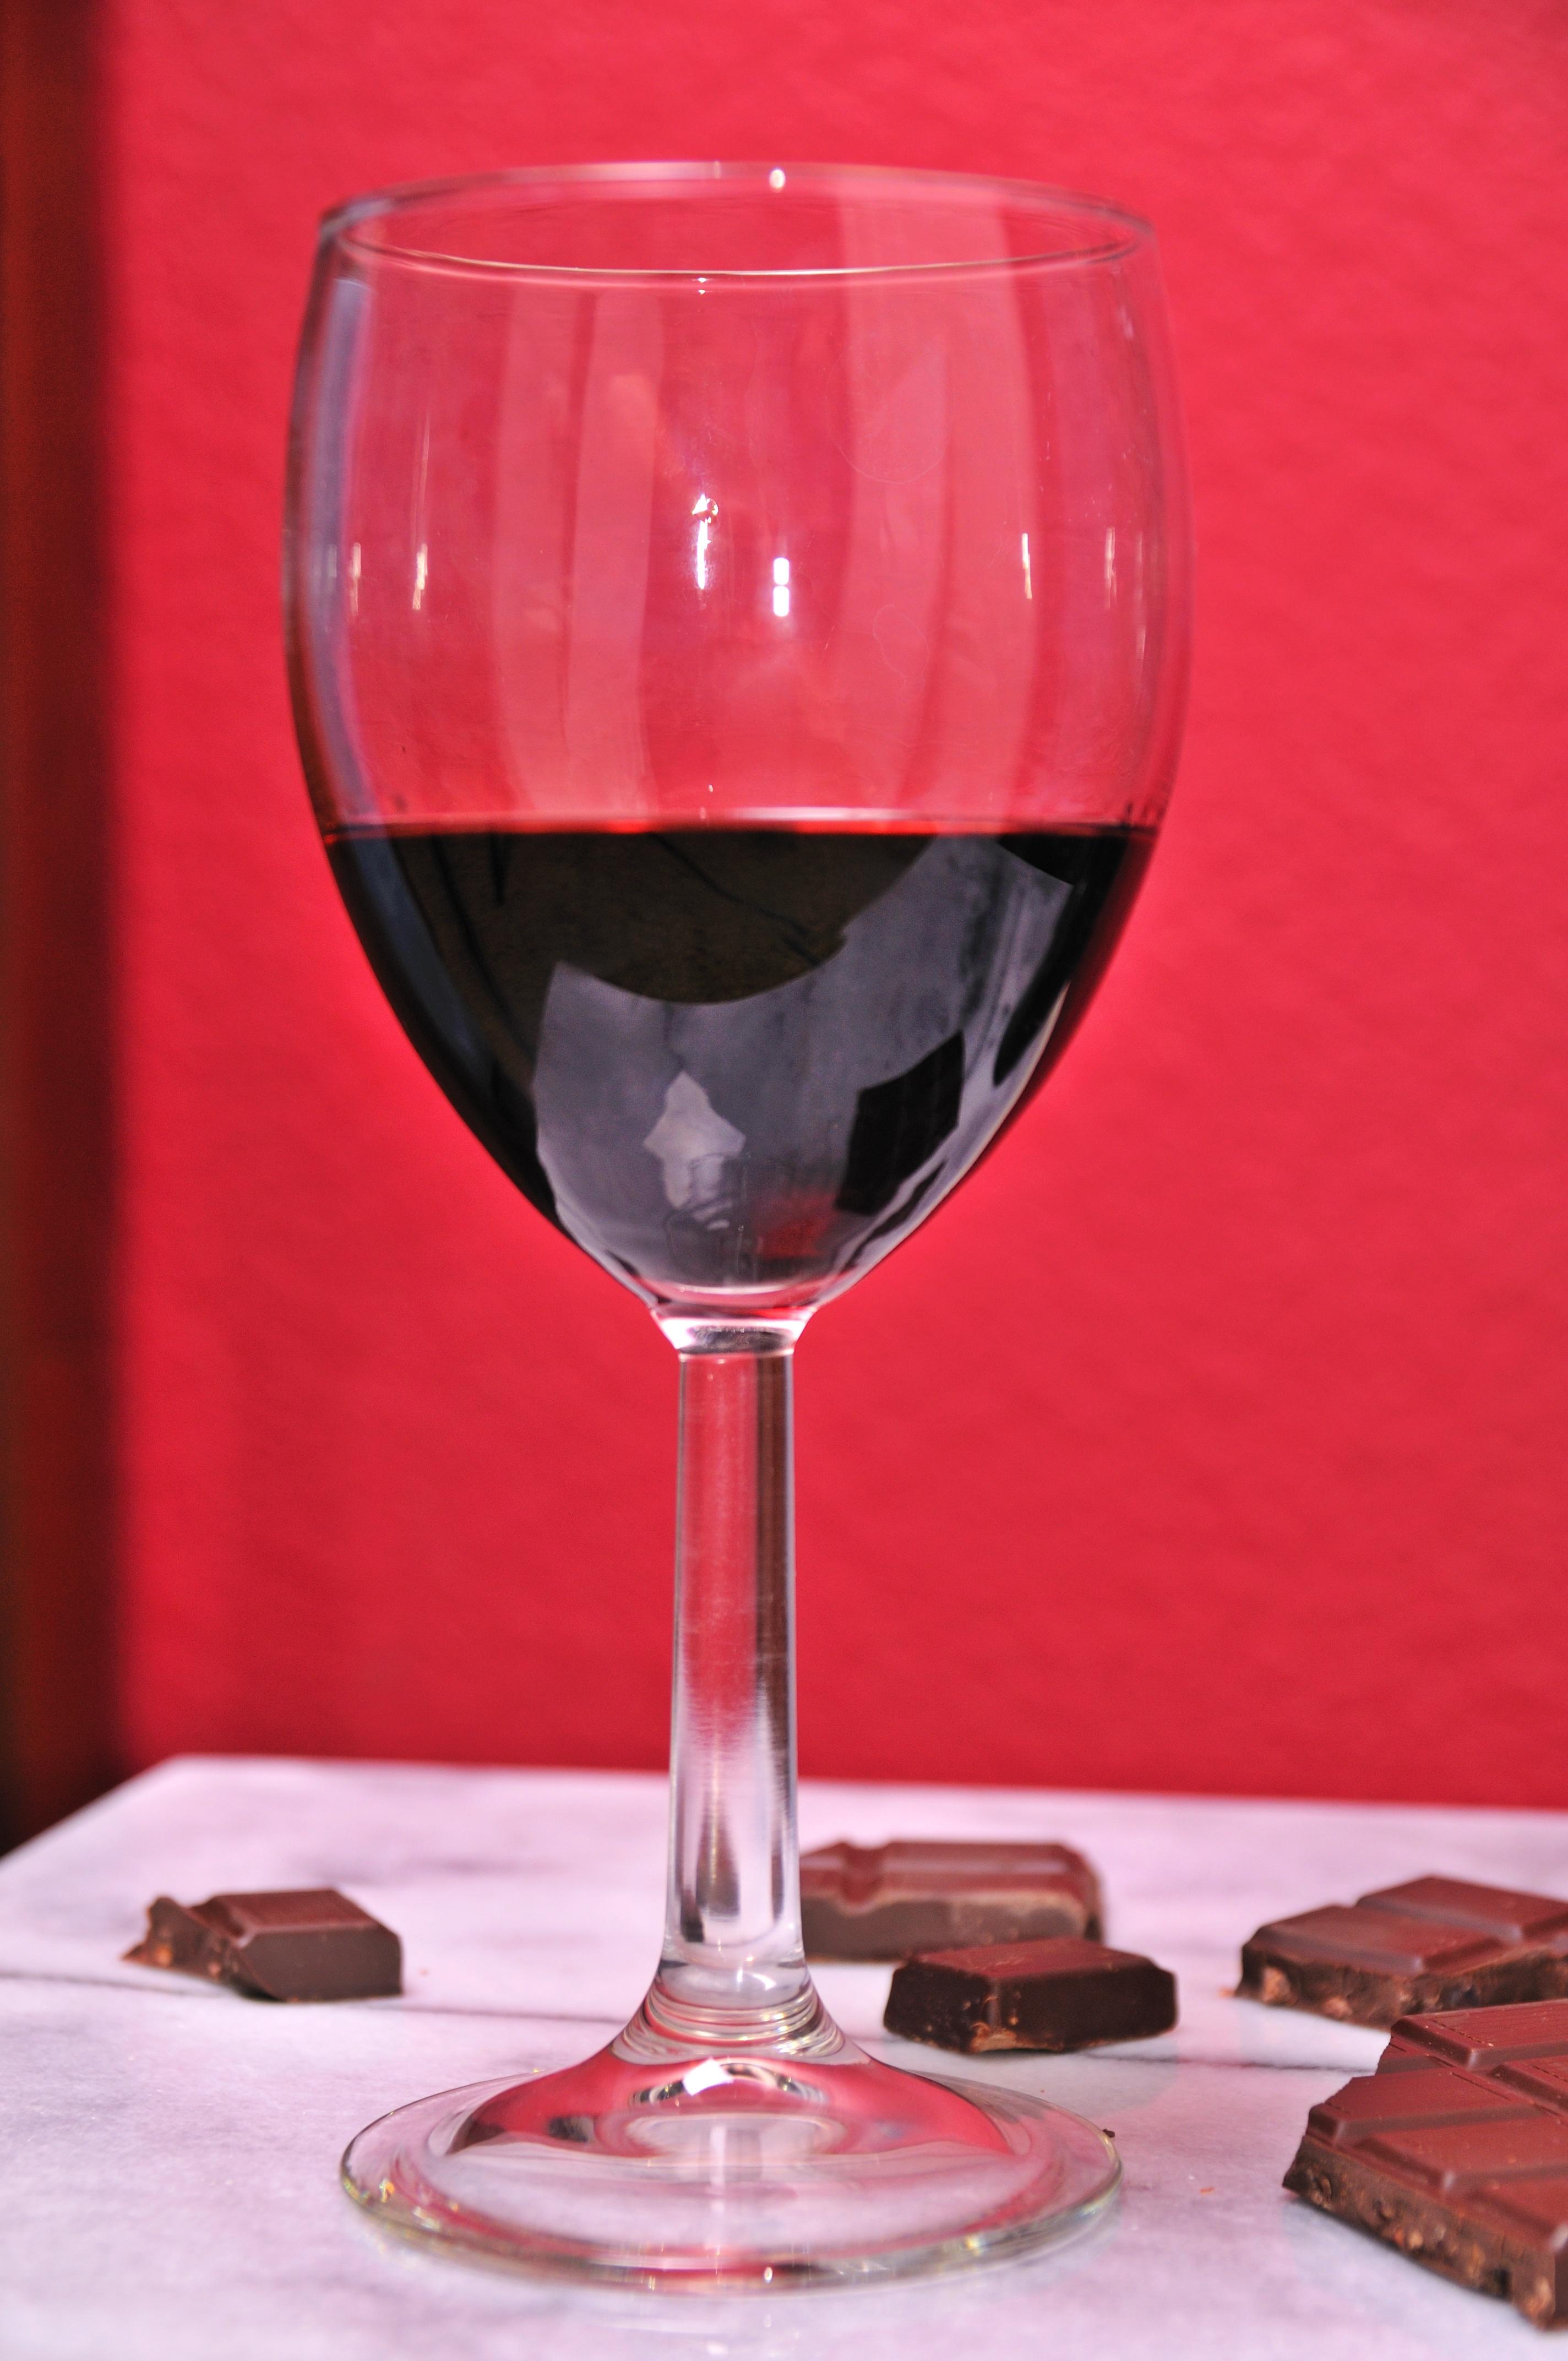 The Basics of Wine and Chocolate Pairing